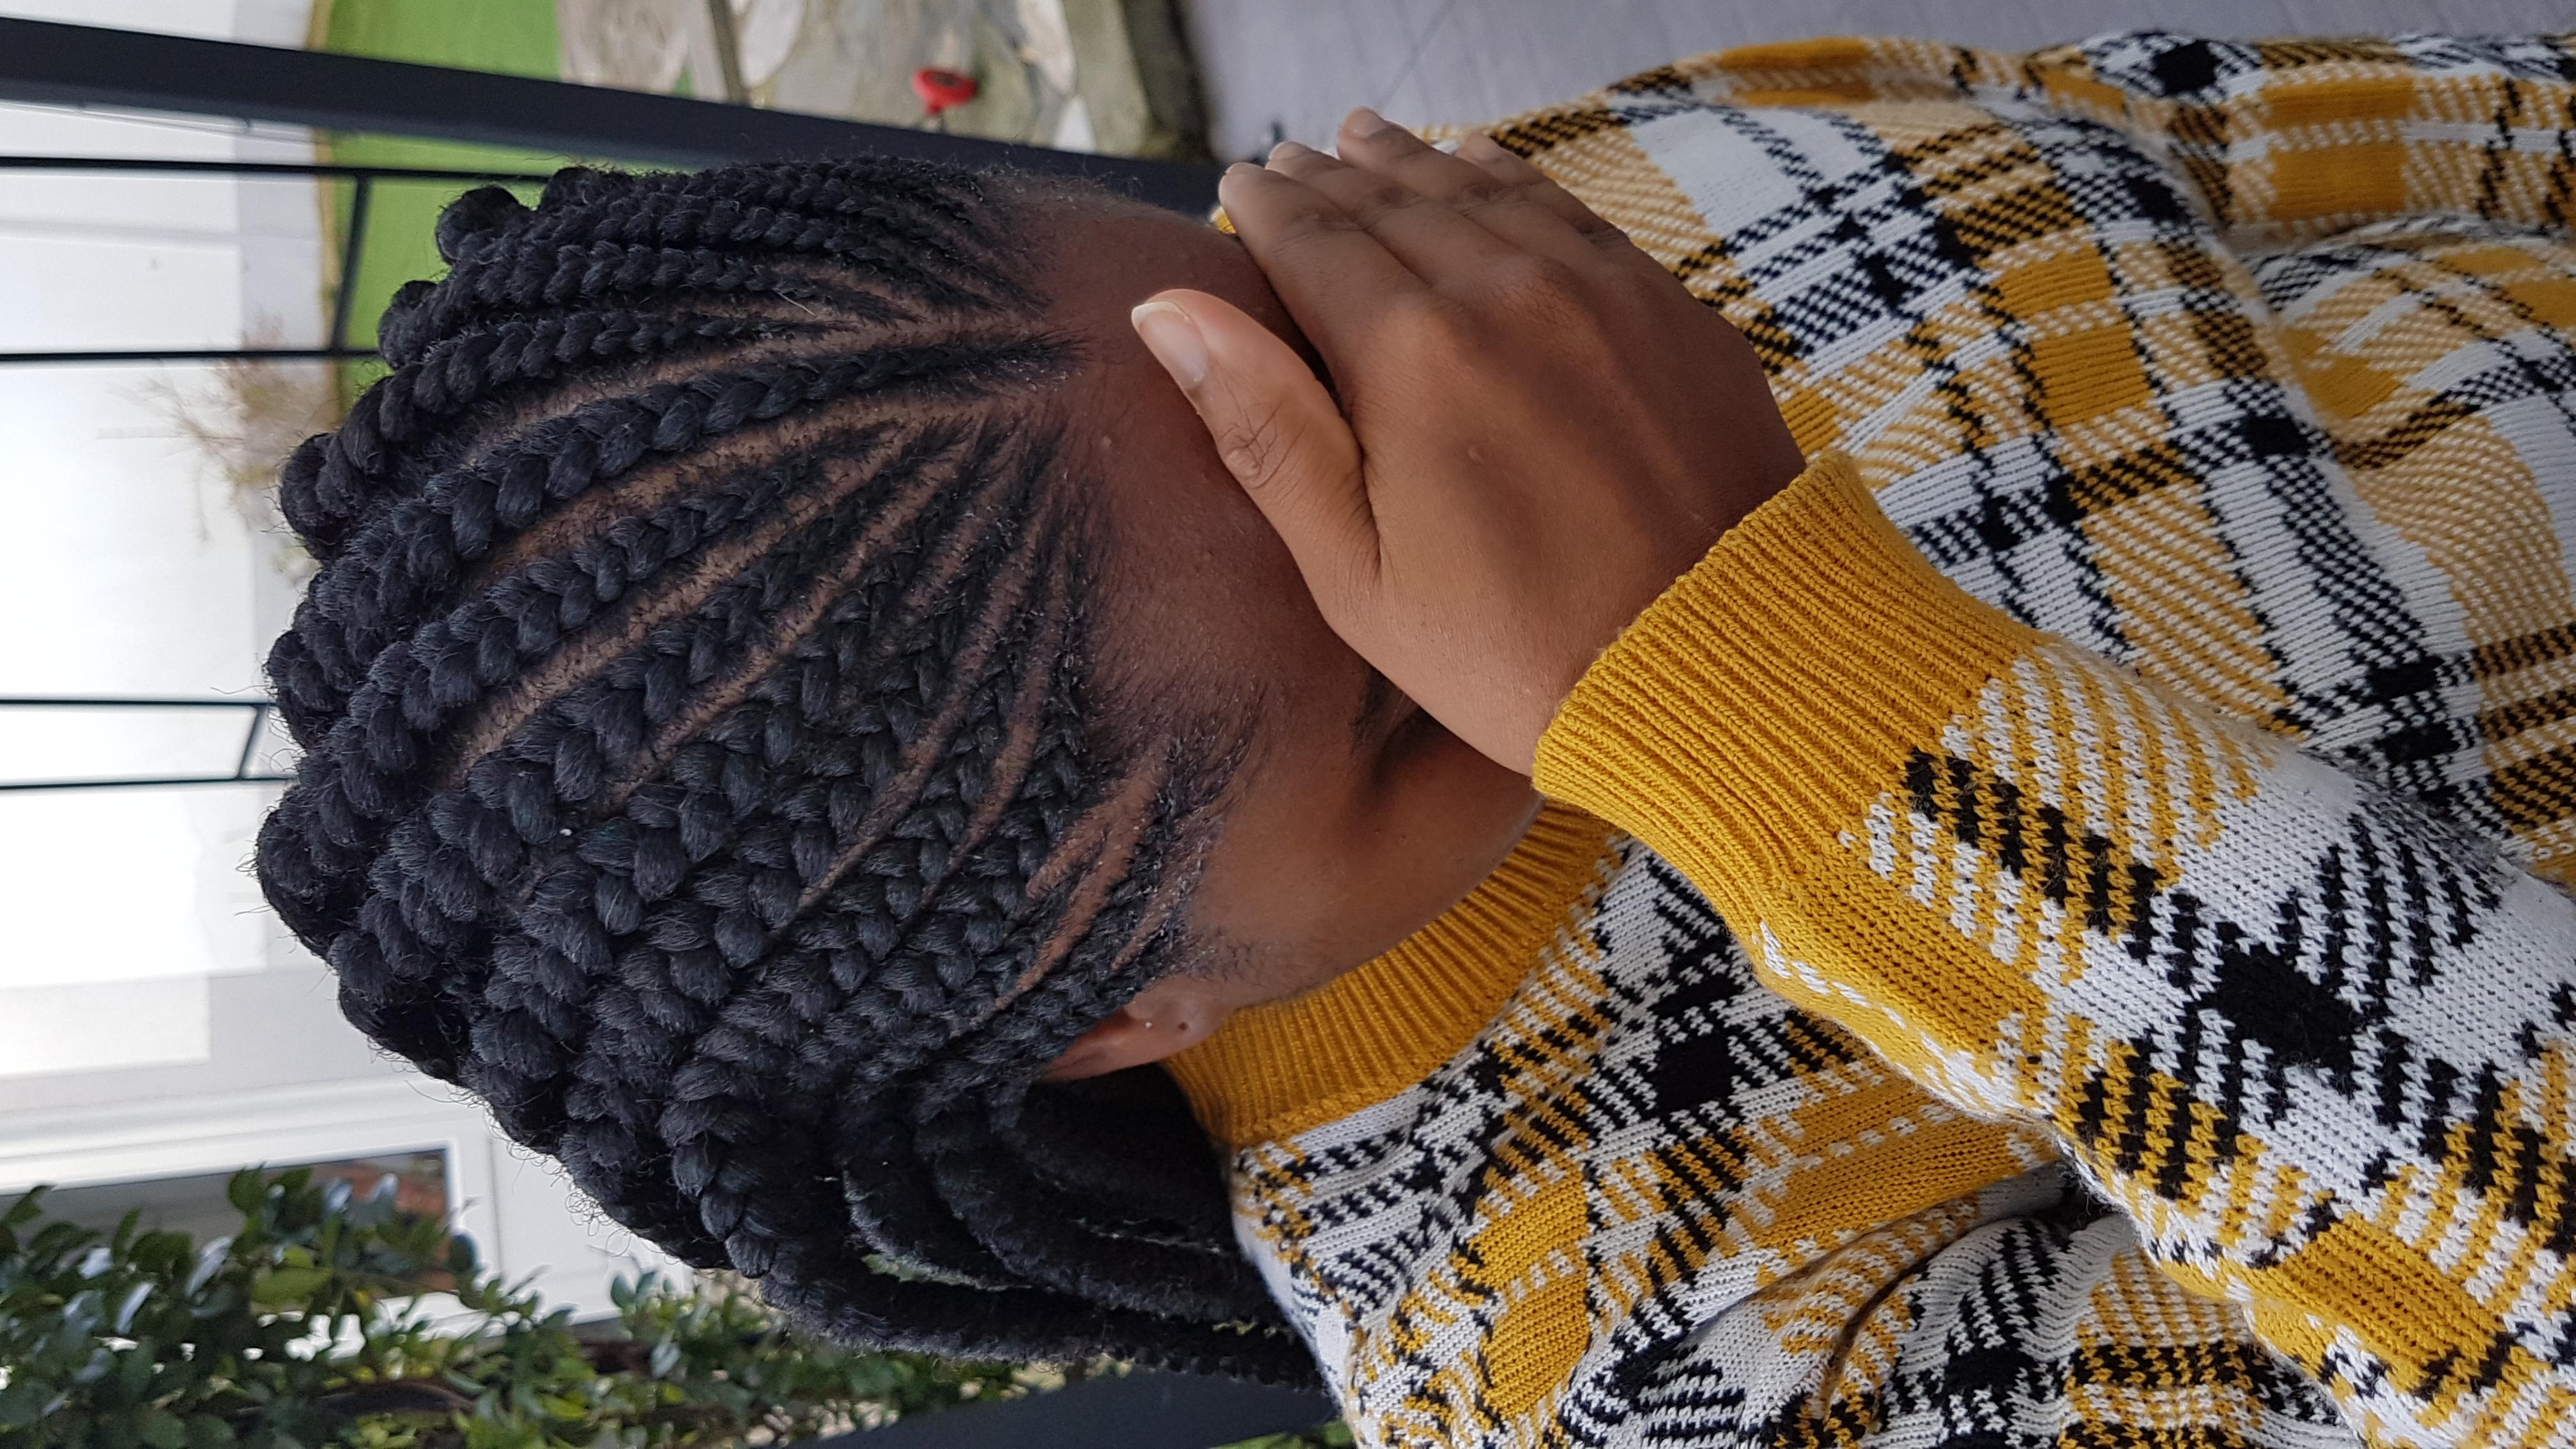 salon de coiffure afro tresse tresses box braids crochet braids vanilles tissages paris 75 77 78 91 92 93 94 95 NRSEYNAP